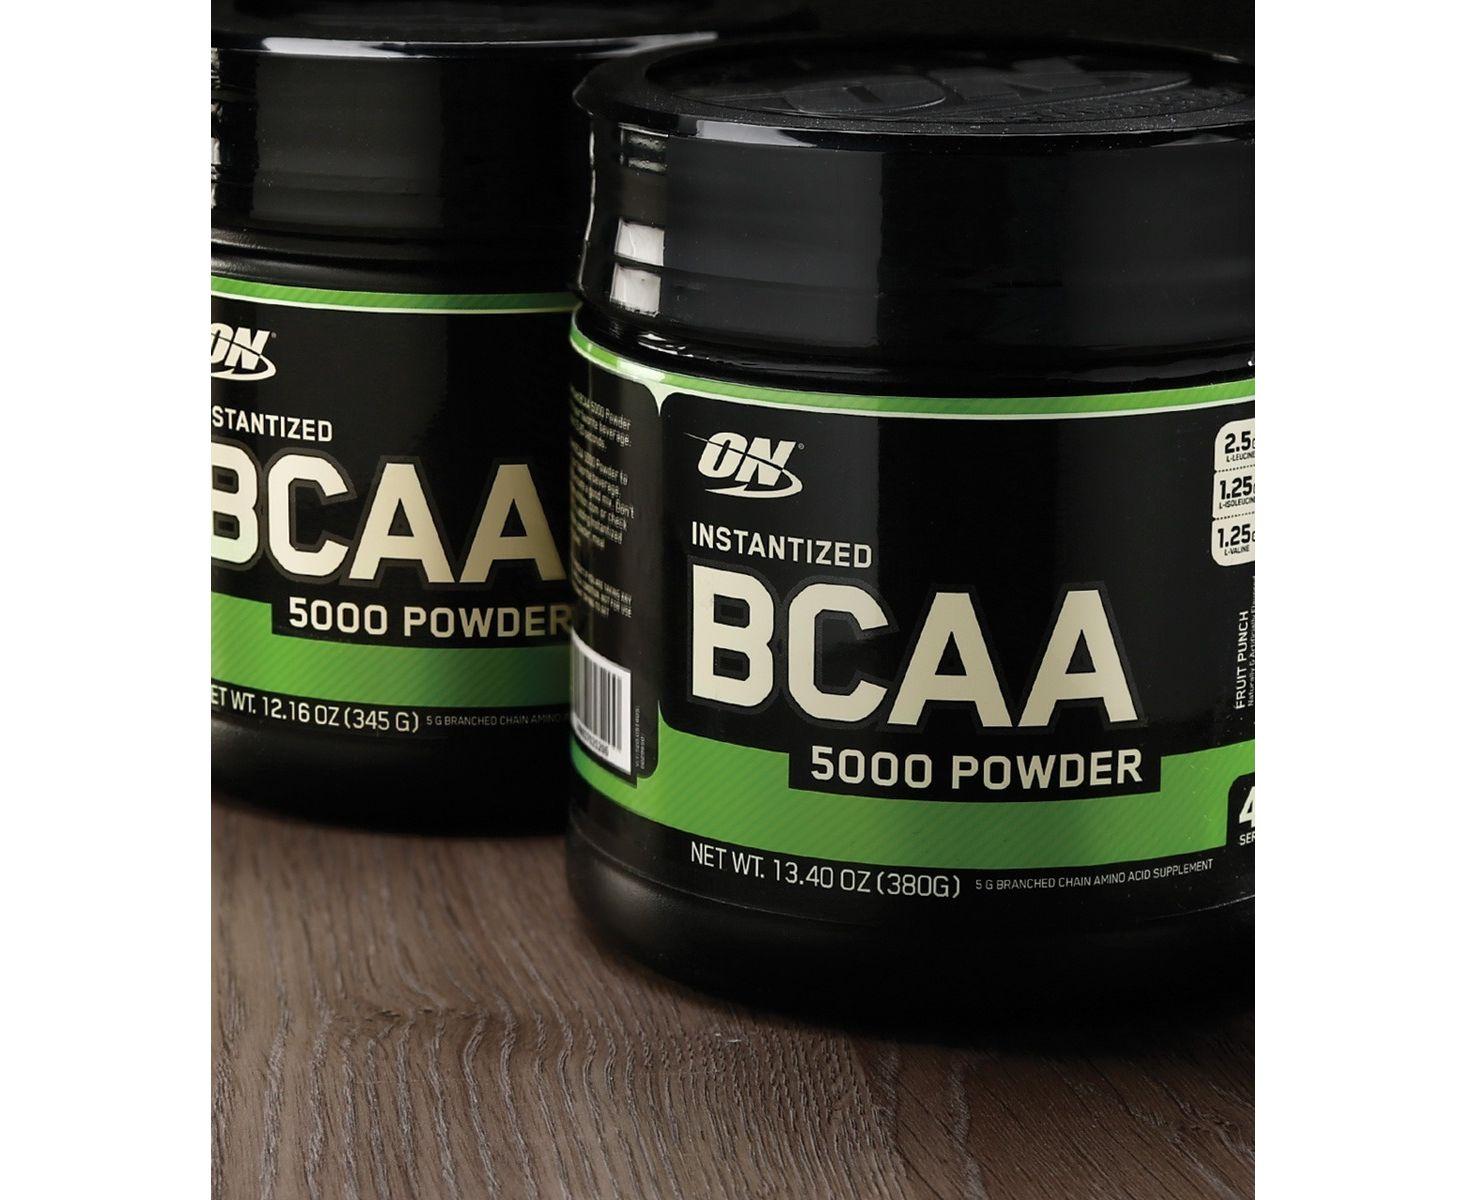 Отзывы на bcaa bcaa optimum nutrition bcaa 5000 powder optimum nutrition от покупателей 5lb.ru